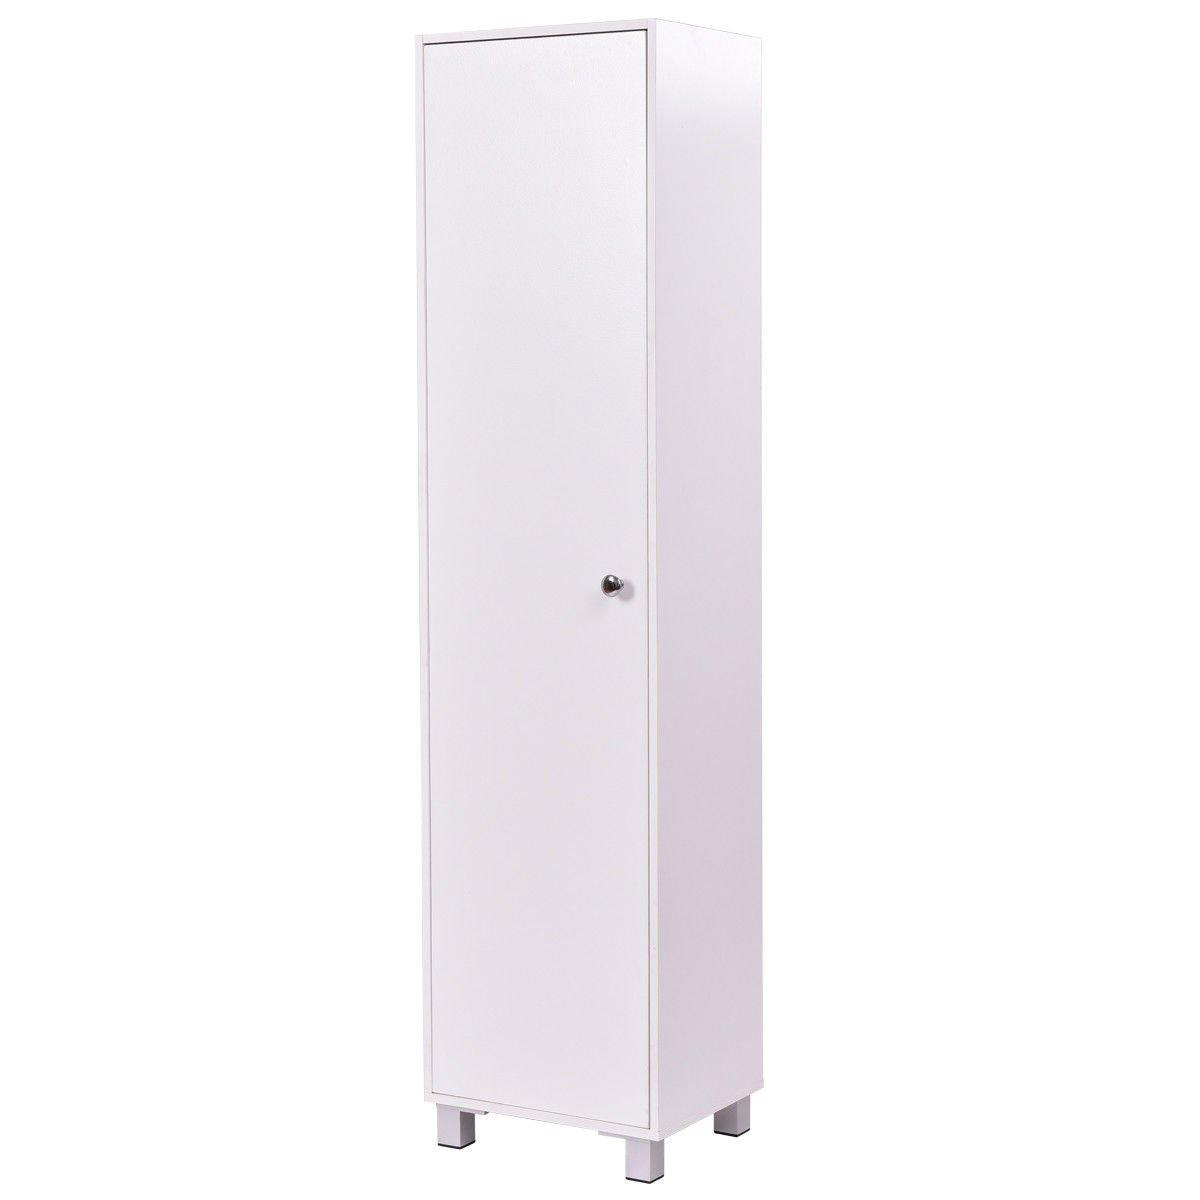 Storage Cabinet Locker Organizer 4 Tier Single Door Home Office Furniture 60'' by White Bear & Brown Rabbit